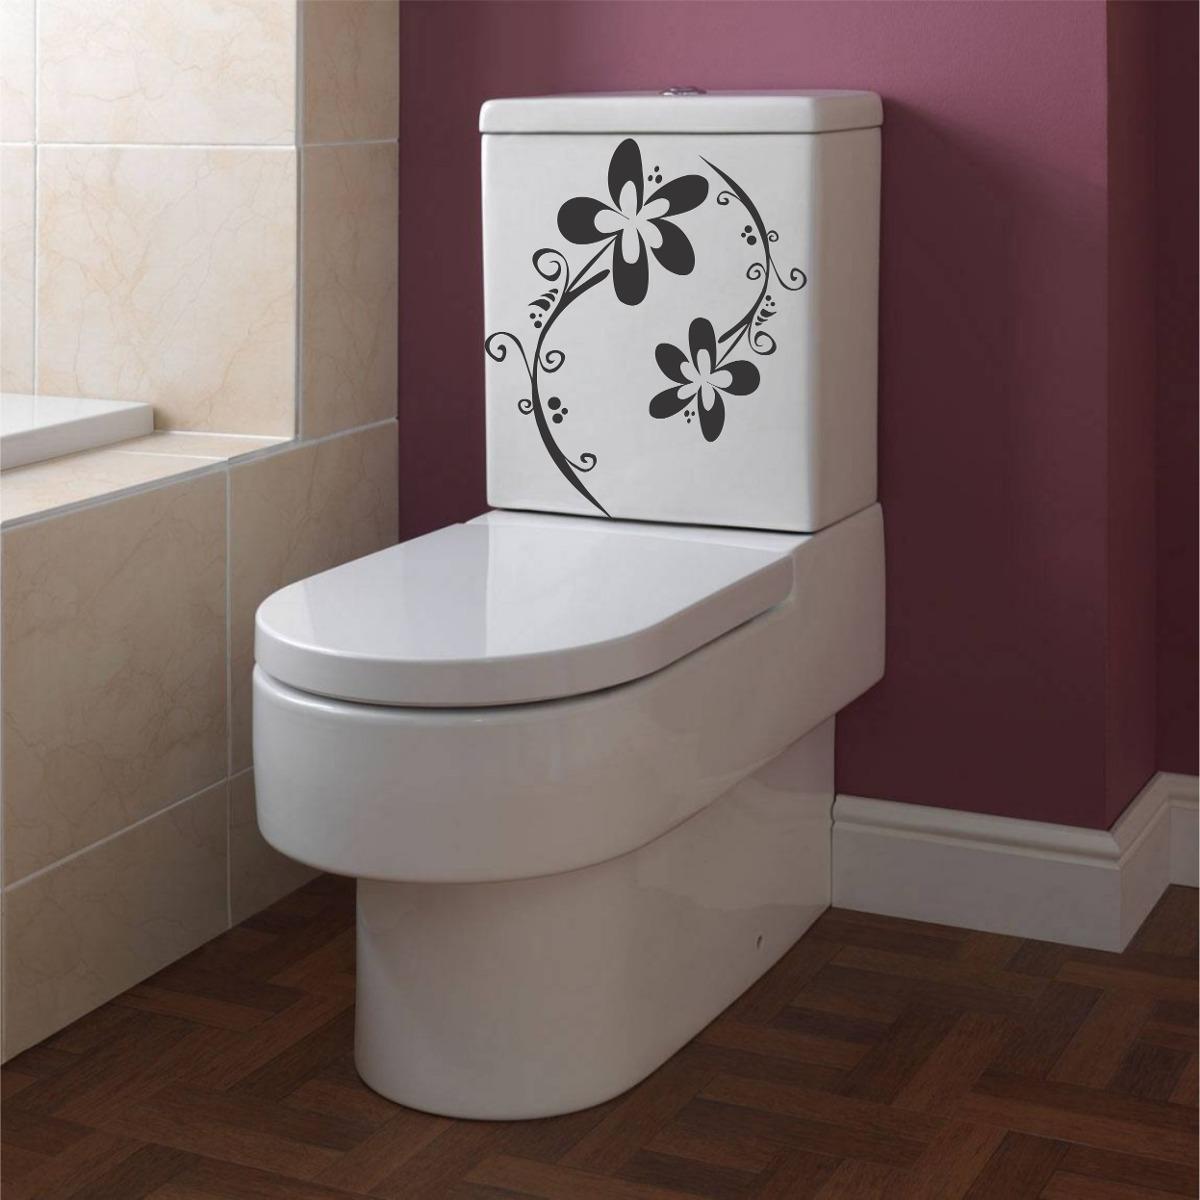 Adesivo Decorativo Parede Banheiro Vaso Sanitário Floral R$ 14,98 em Mercado Livre